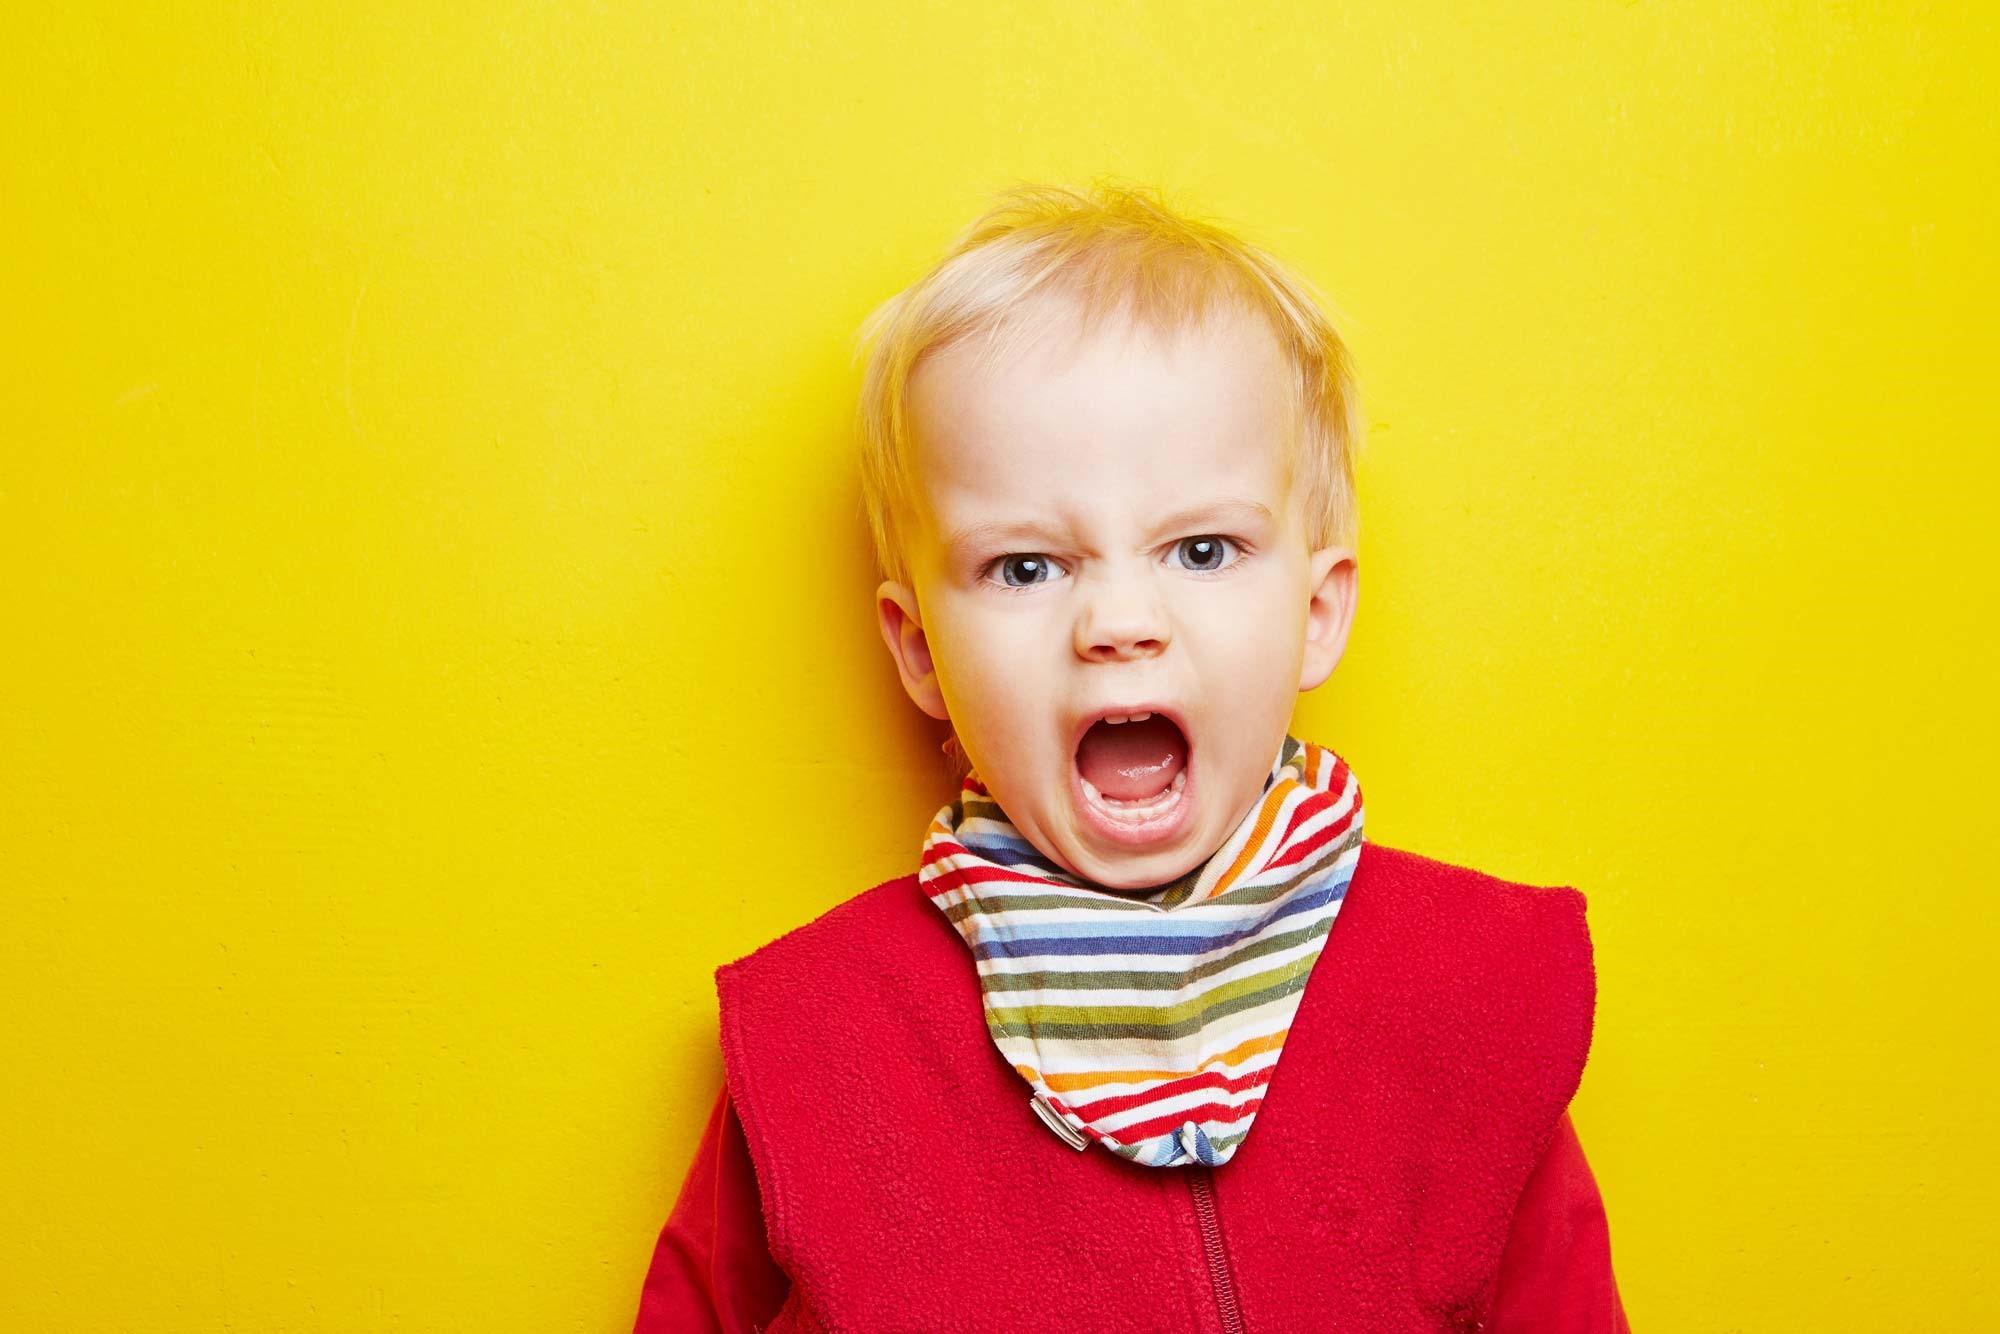 Wütende und trotzende Kinder bringen alle Eltern an ihre Grenzen